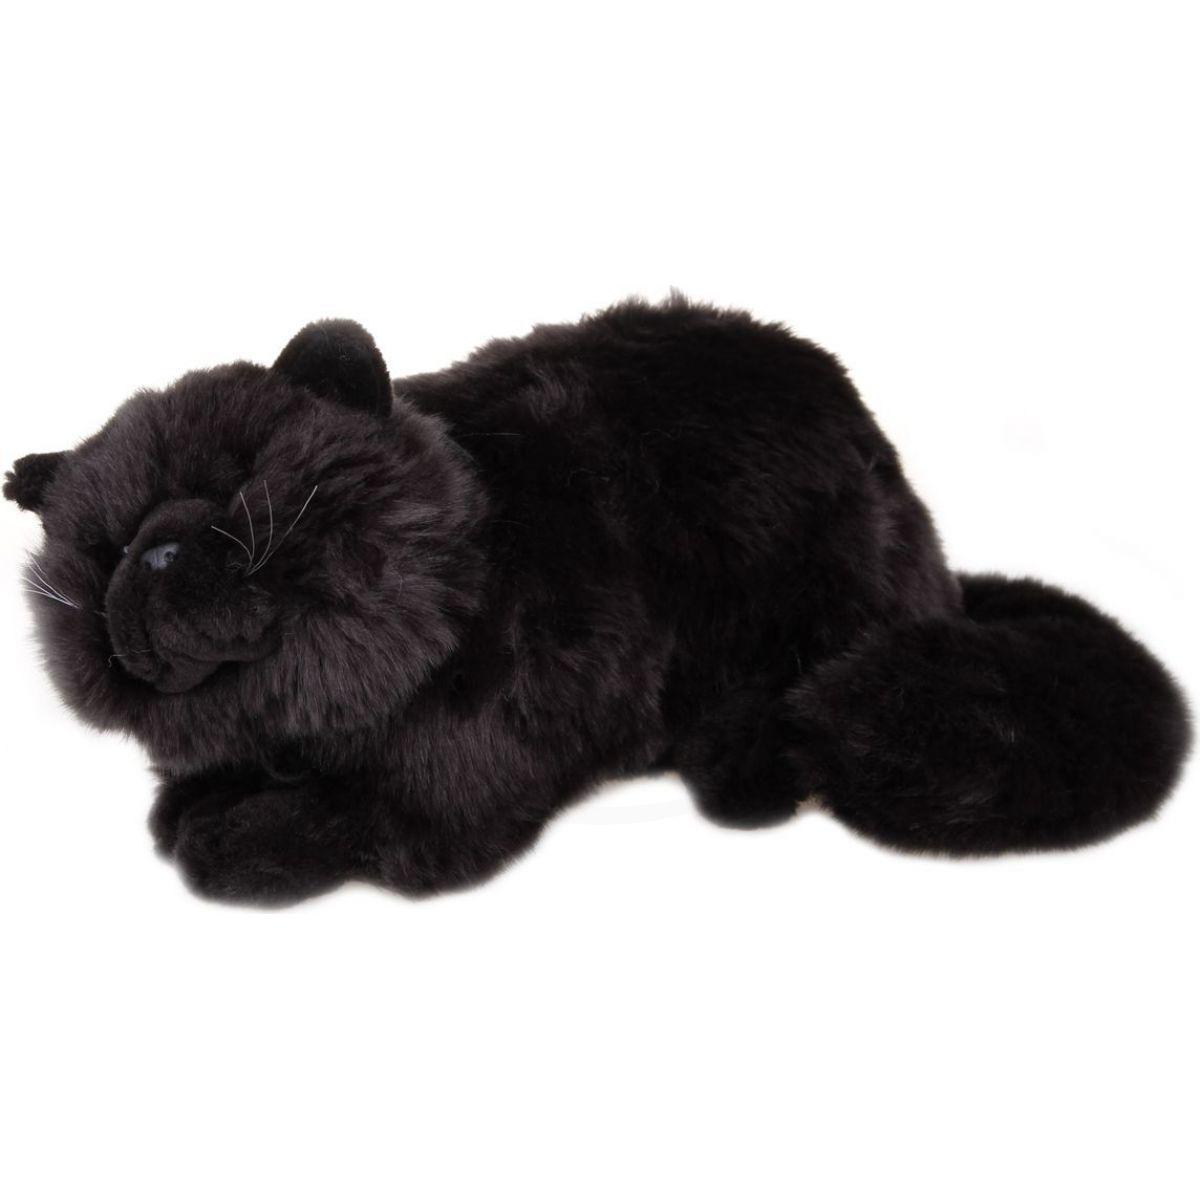 černá kočička černá kočička